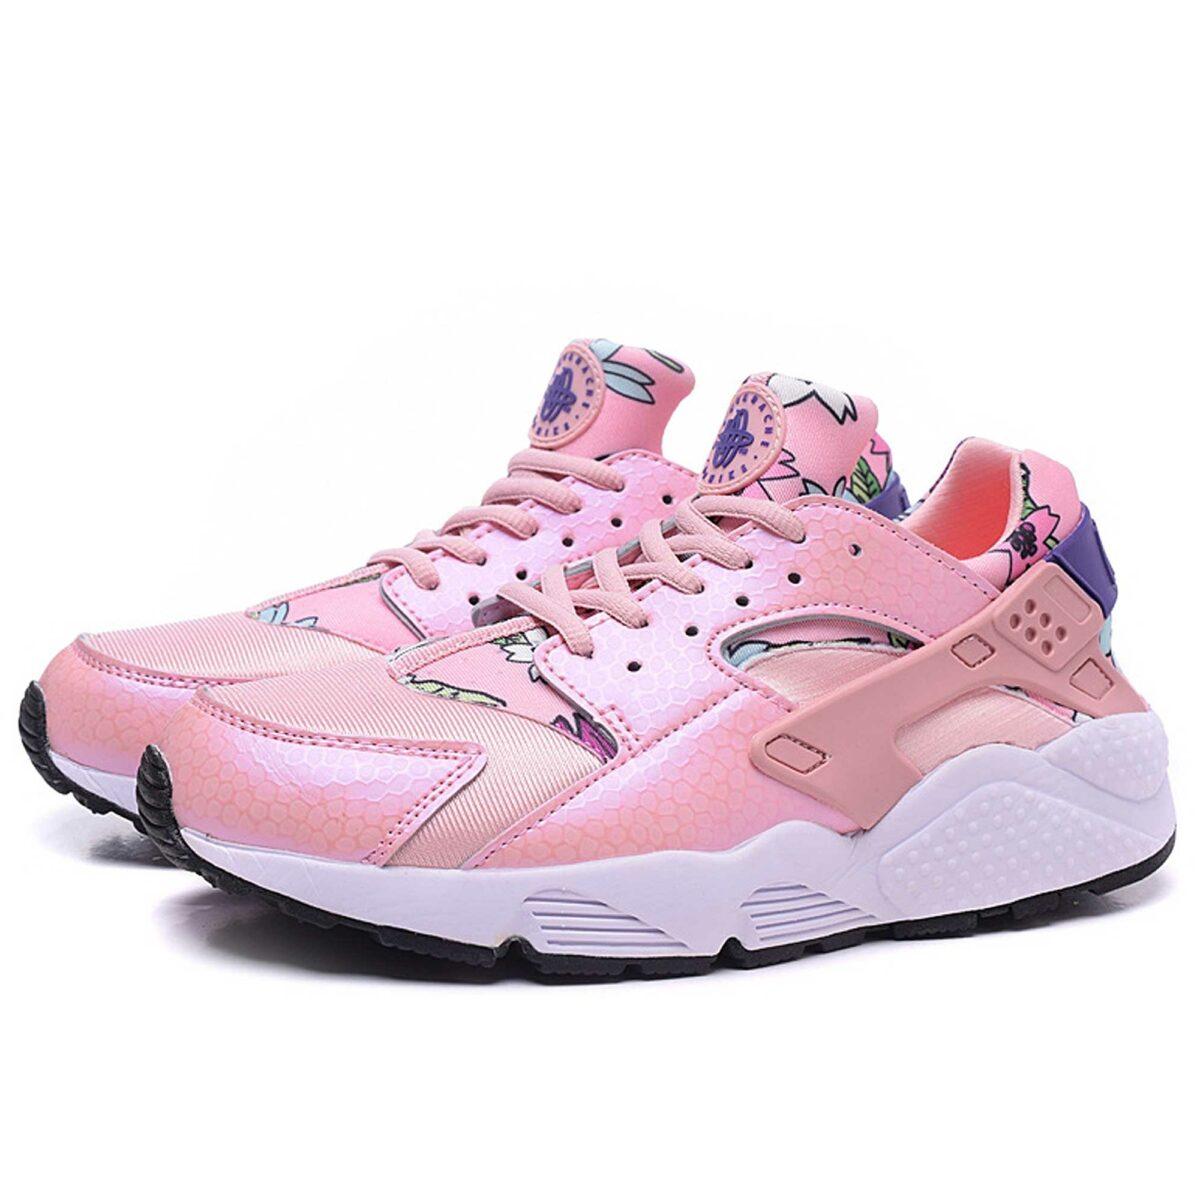 Интернет магазин купить оригинальные Nike Air Huarache Aloha Pack Pink